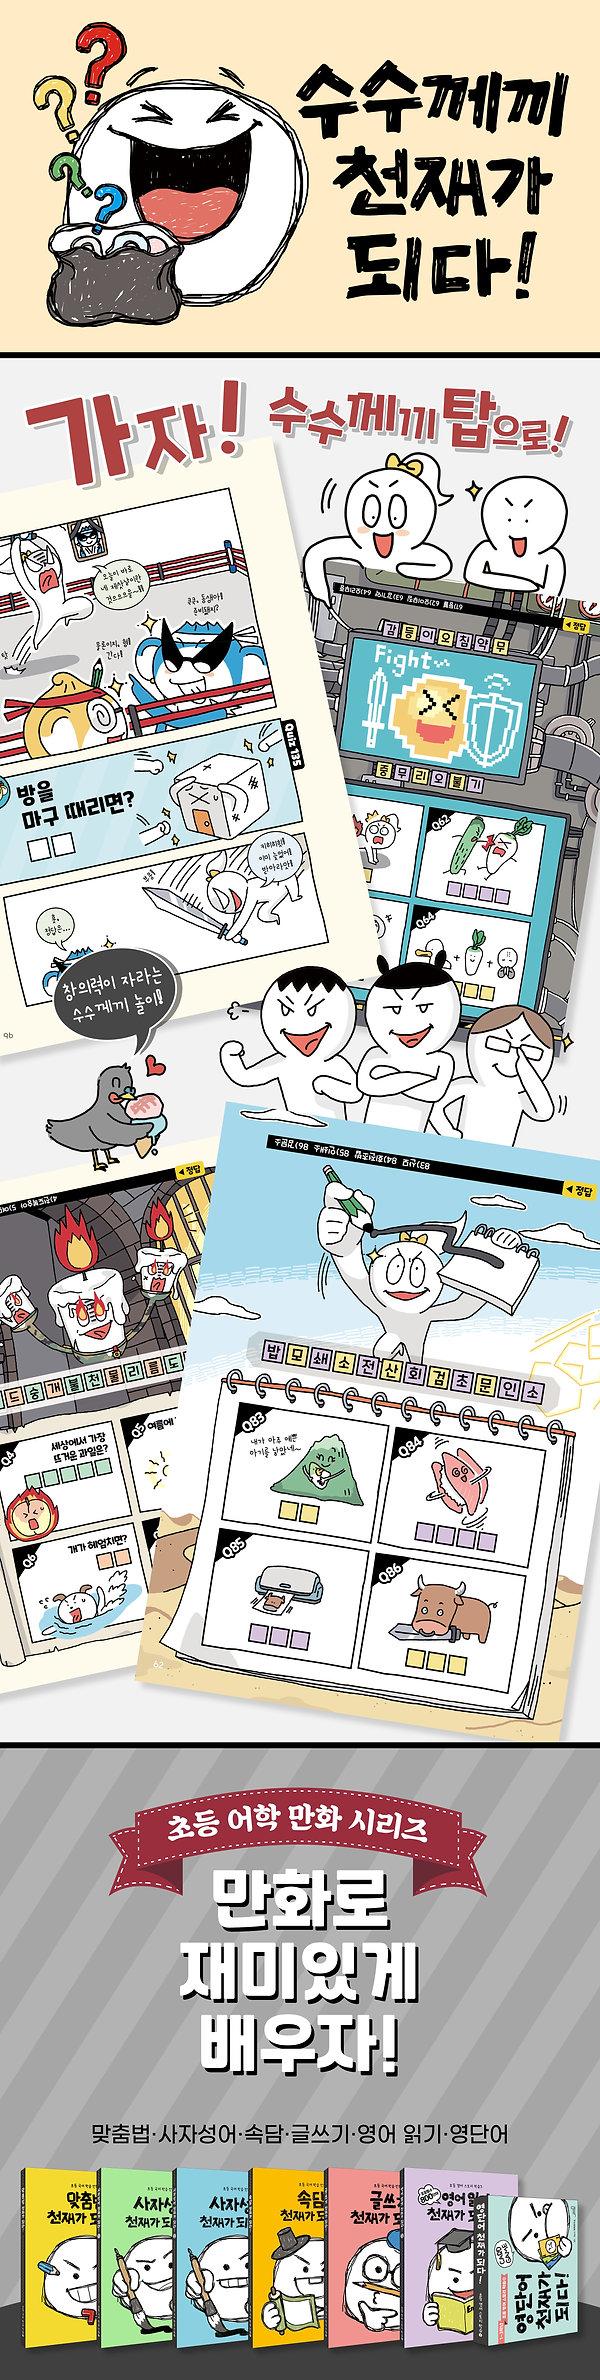 [상세페이지] 수수께끼 천재가 되다_200831.jpg